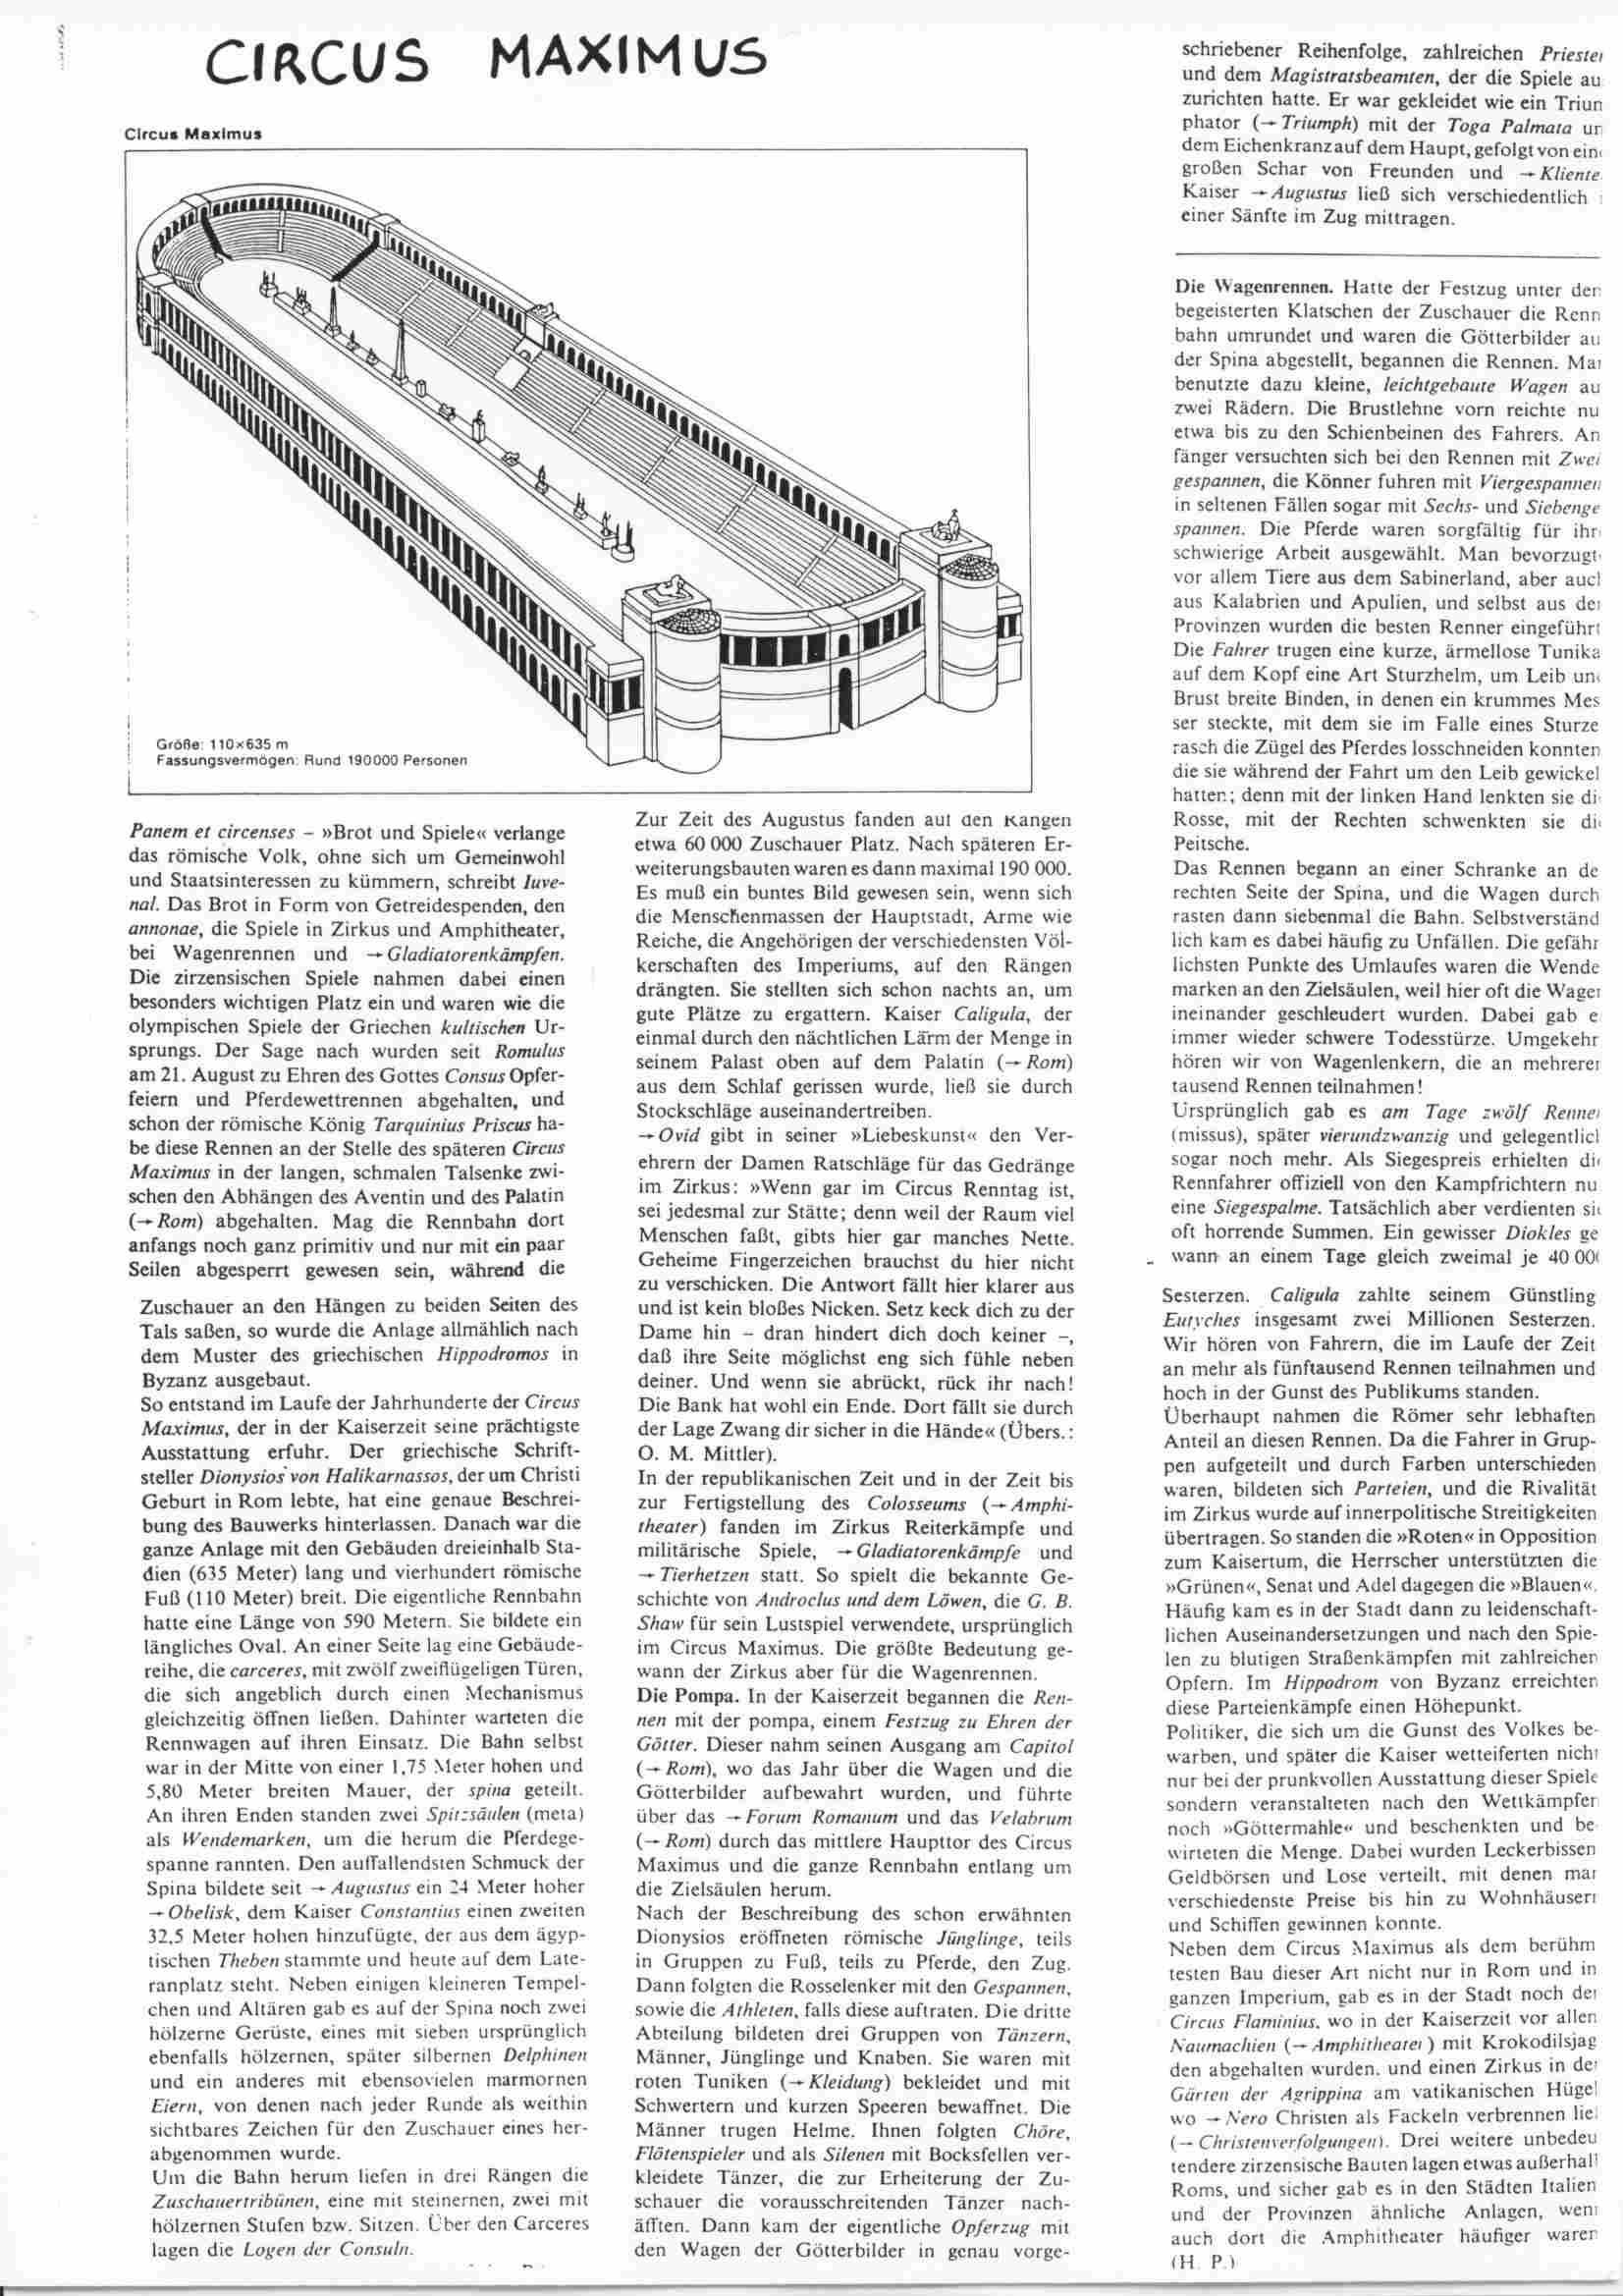 Rom-Skriptum: Seite 26-Der Circus Maximus A - schule.at